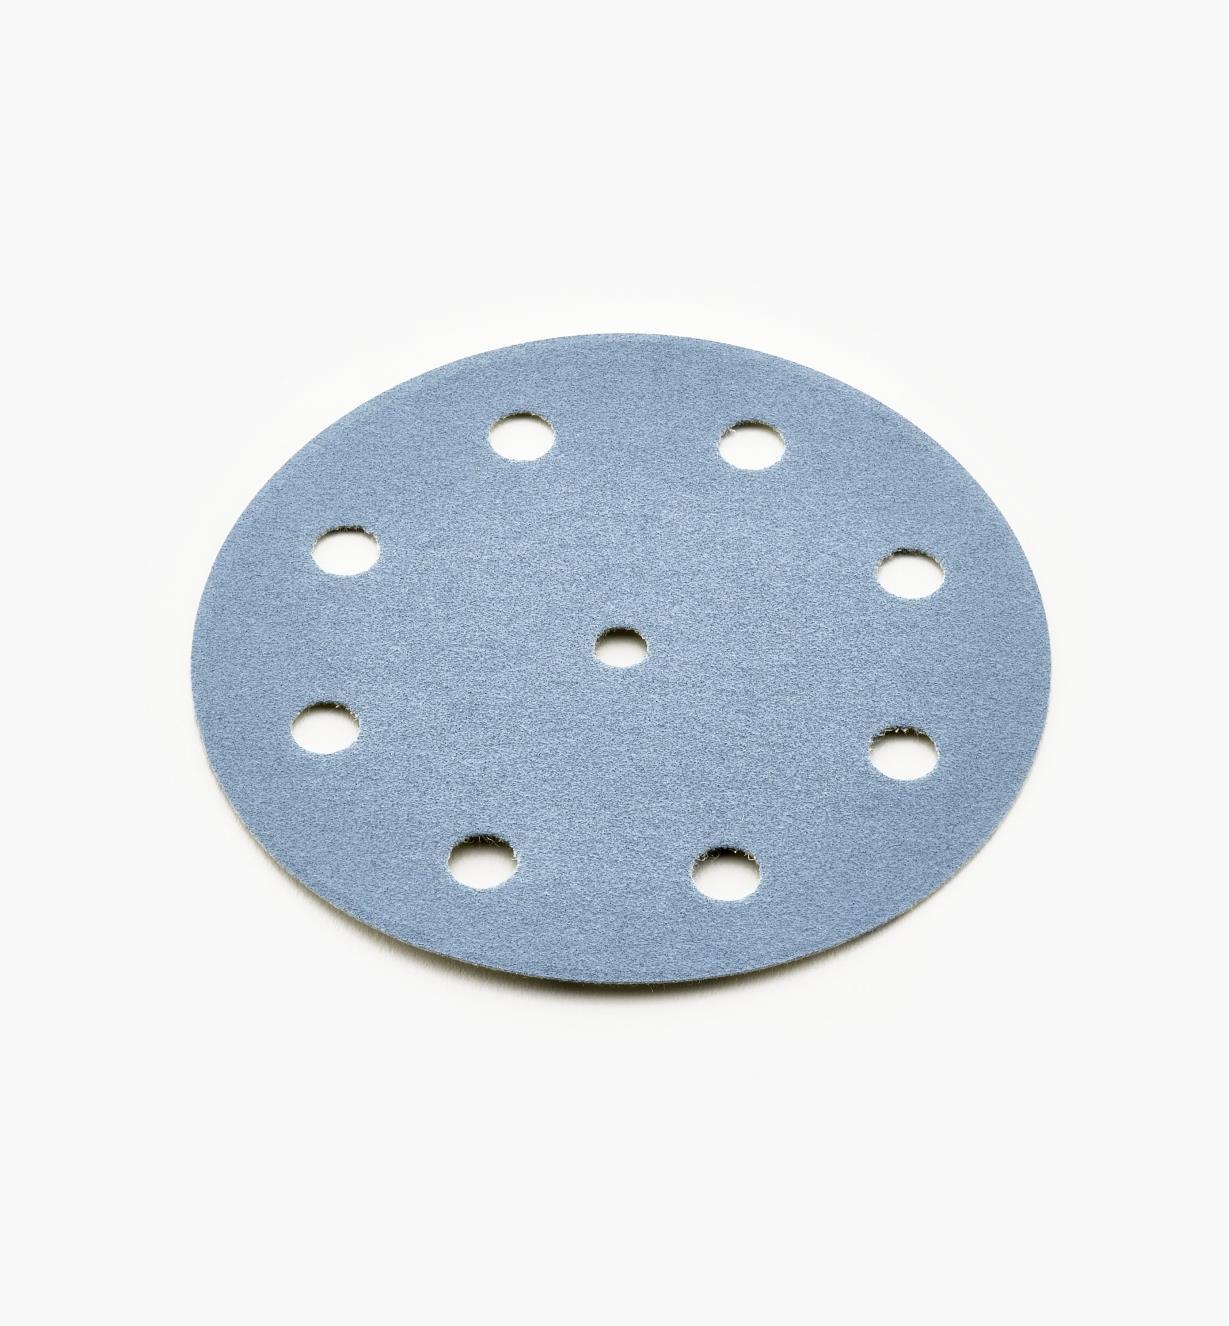 ZA497177S - Abrasifs Granat (P 400), Qté 10